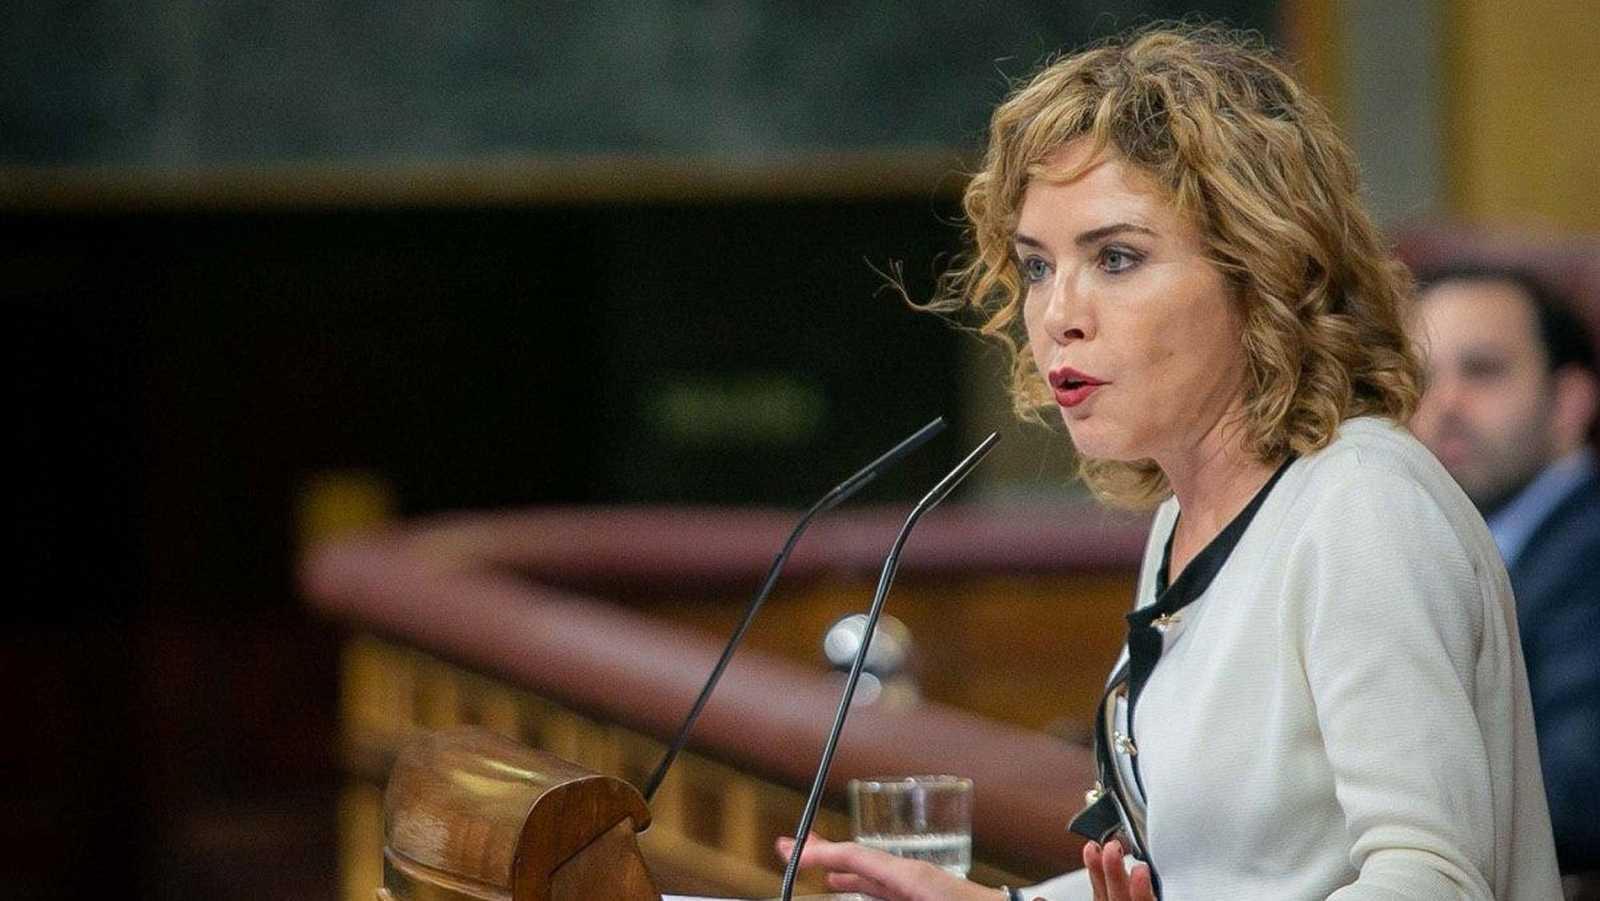 La diputada de Ciudadanos Marta Martín durante su intervención en el Congreso.